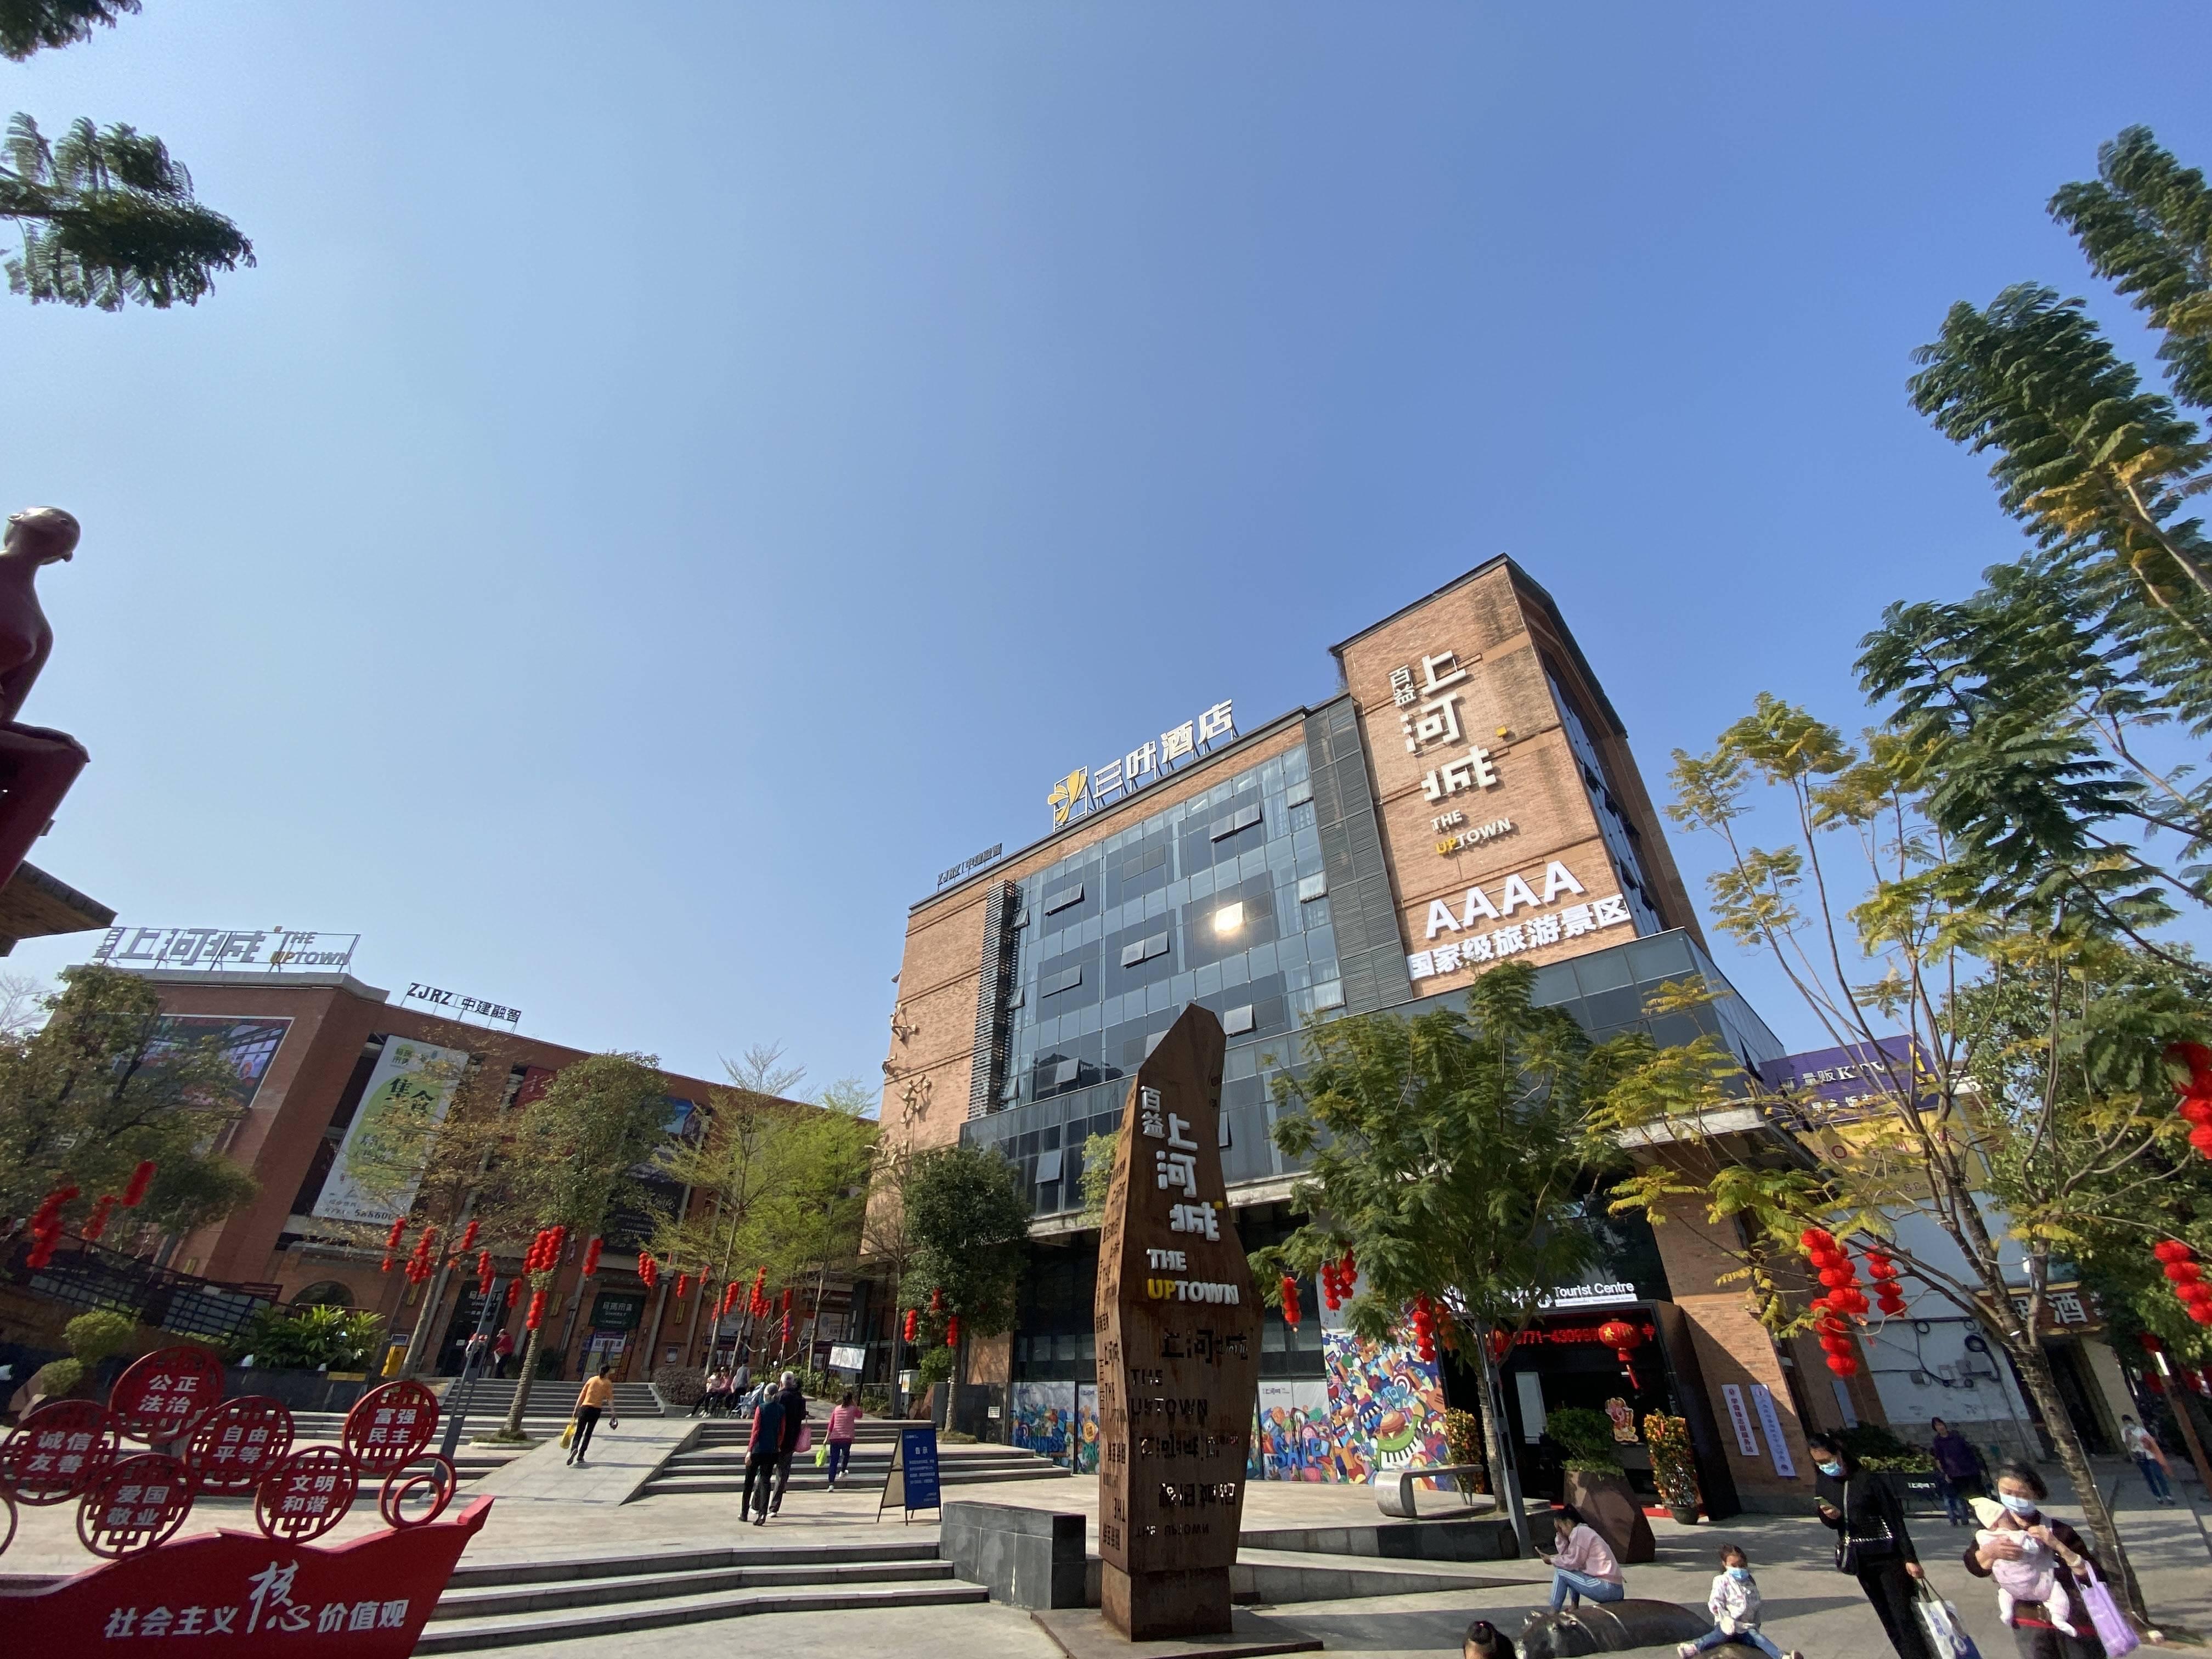 南宁新一代网红拍摄地点,为国家4A级景区,还吸引央视到此采风